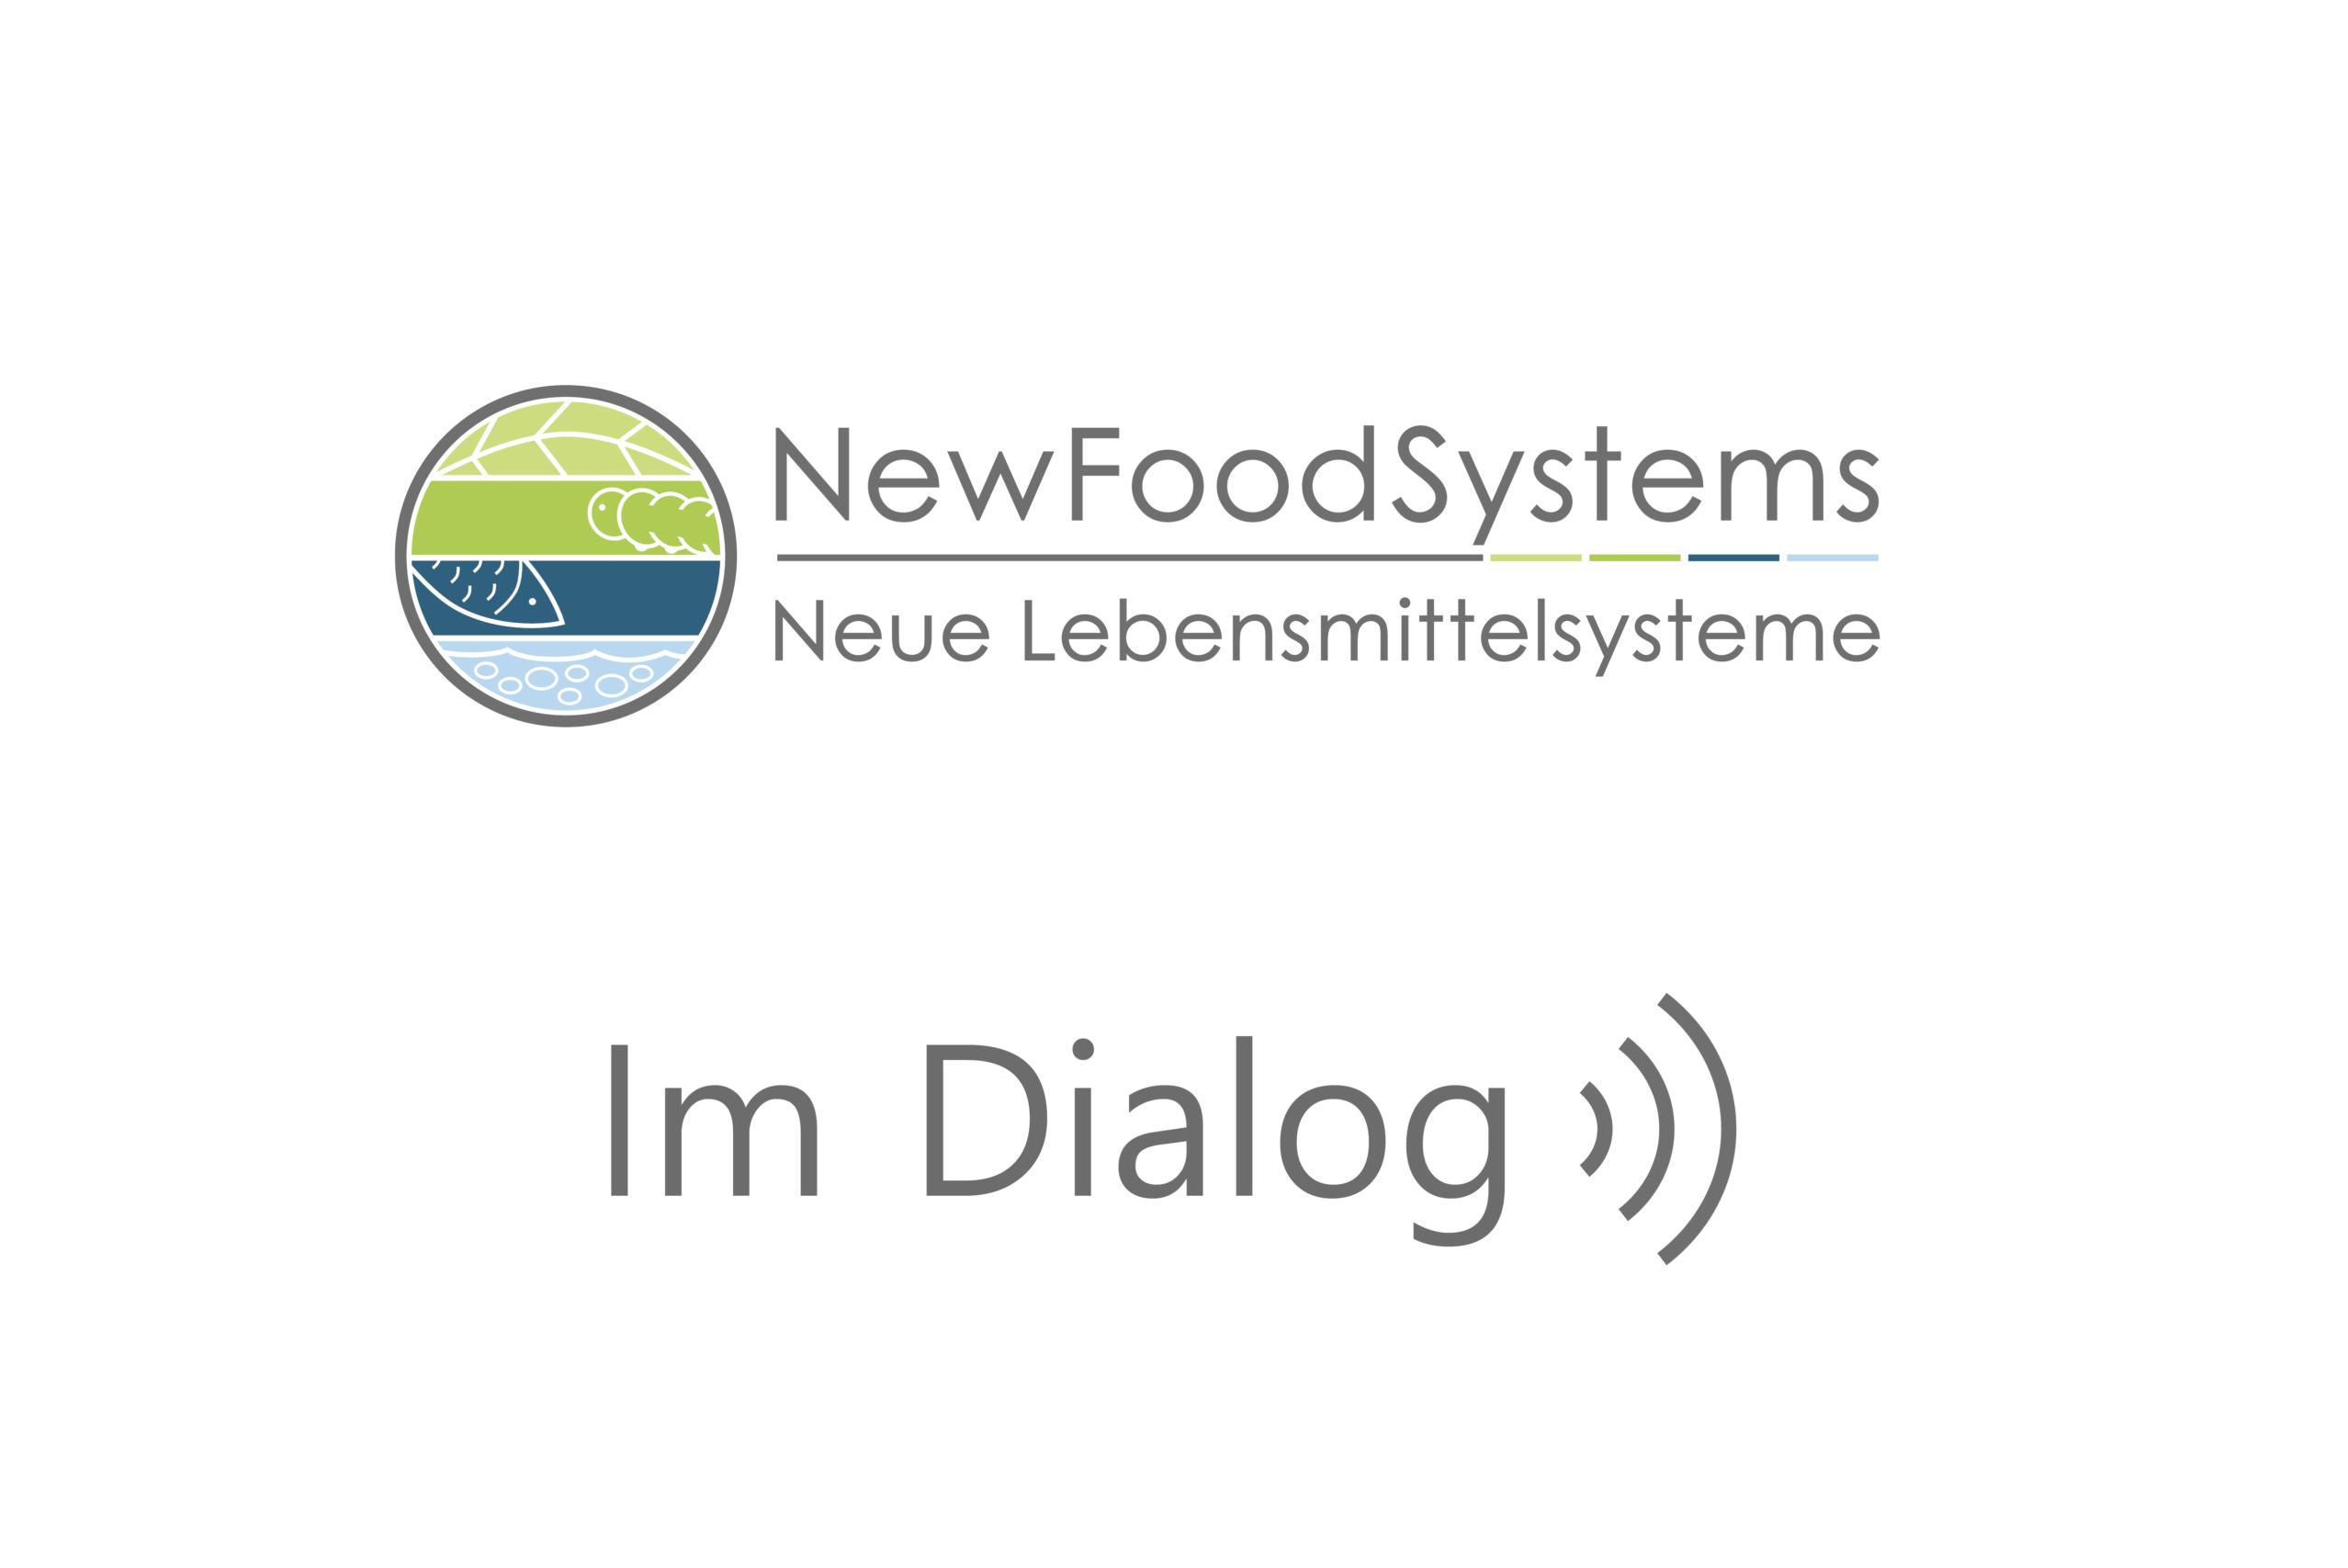 Logo von NewFoodSystems Neue Lebensmittelsysteme im Dialog